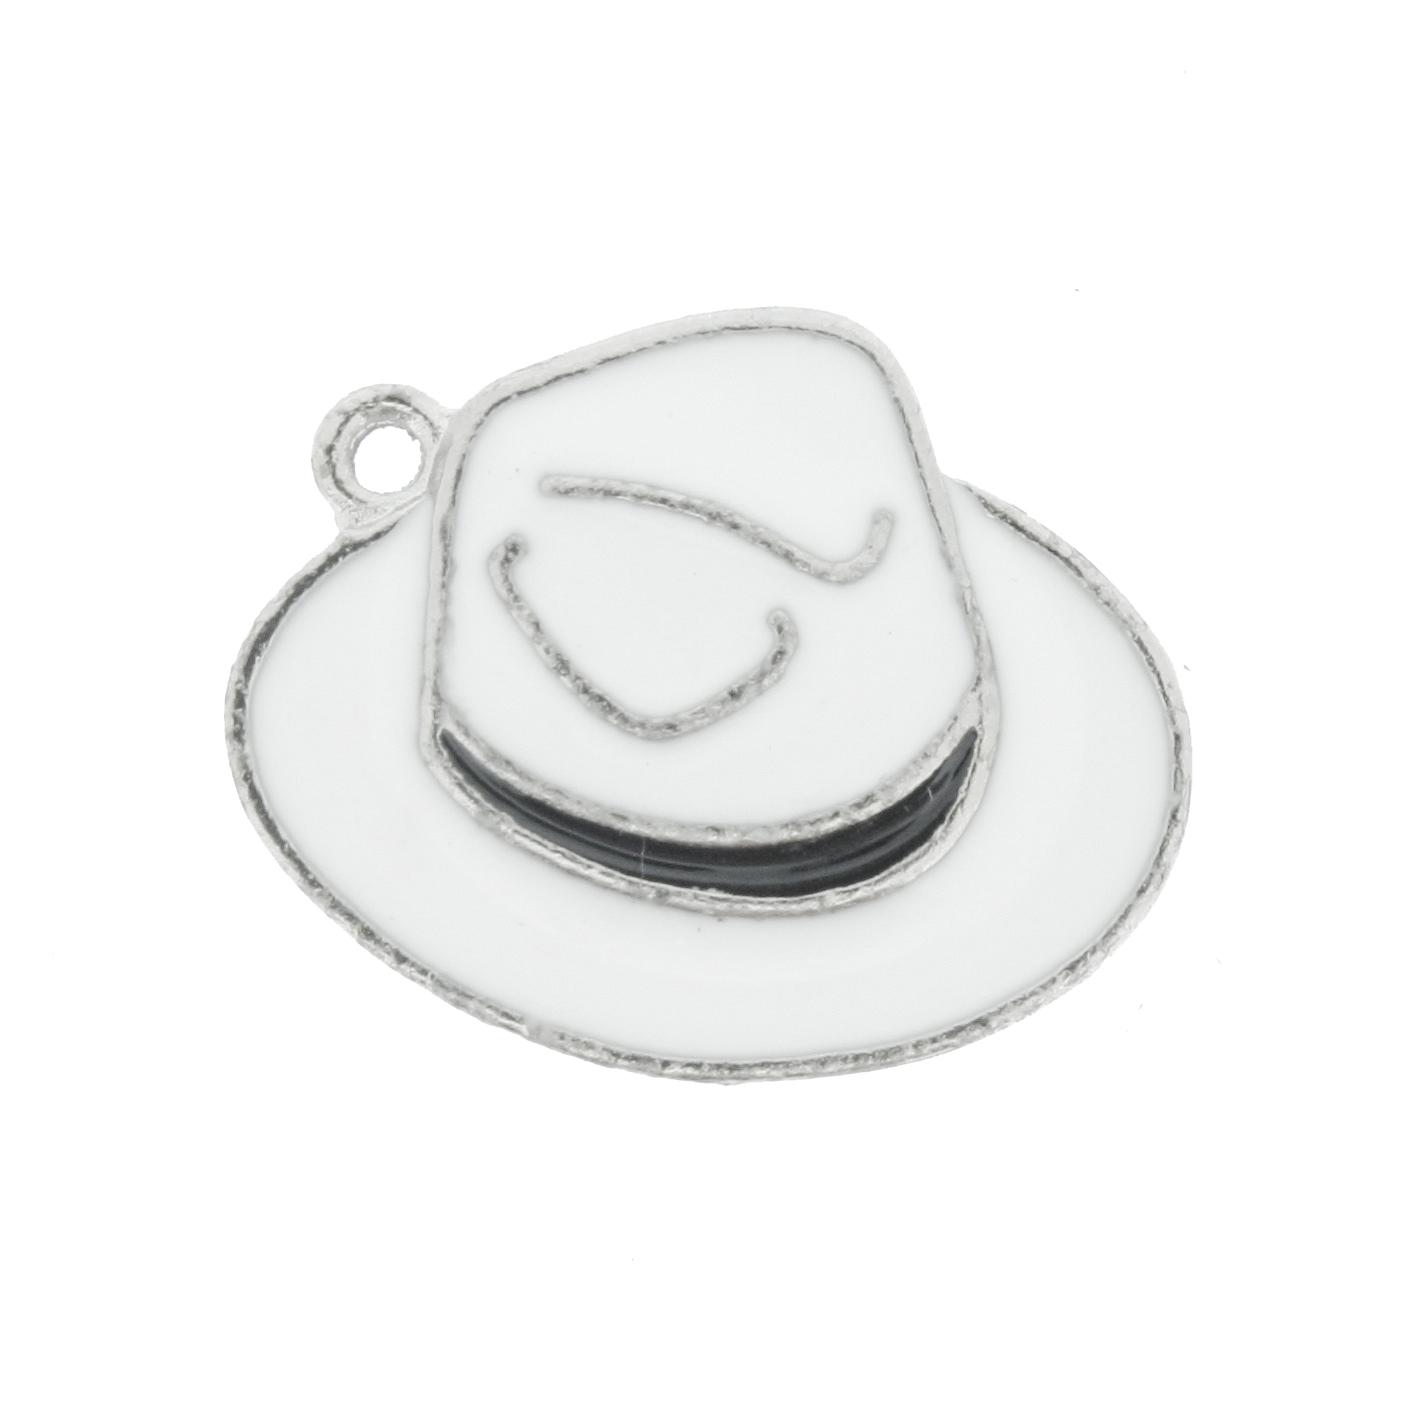 Chapéu Resinado Níquel - Branco e Preto - 16mm  - Universo Religioso® - Artigos de Umbanda e Candomblé